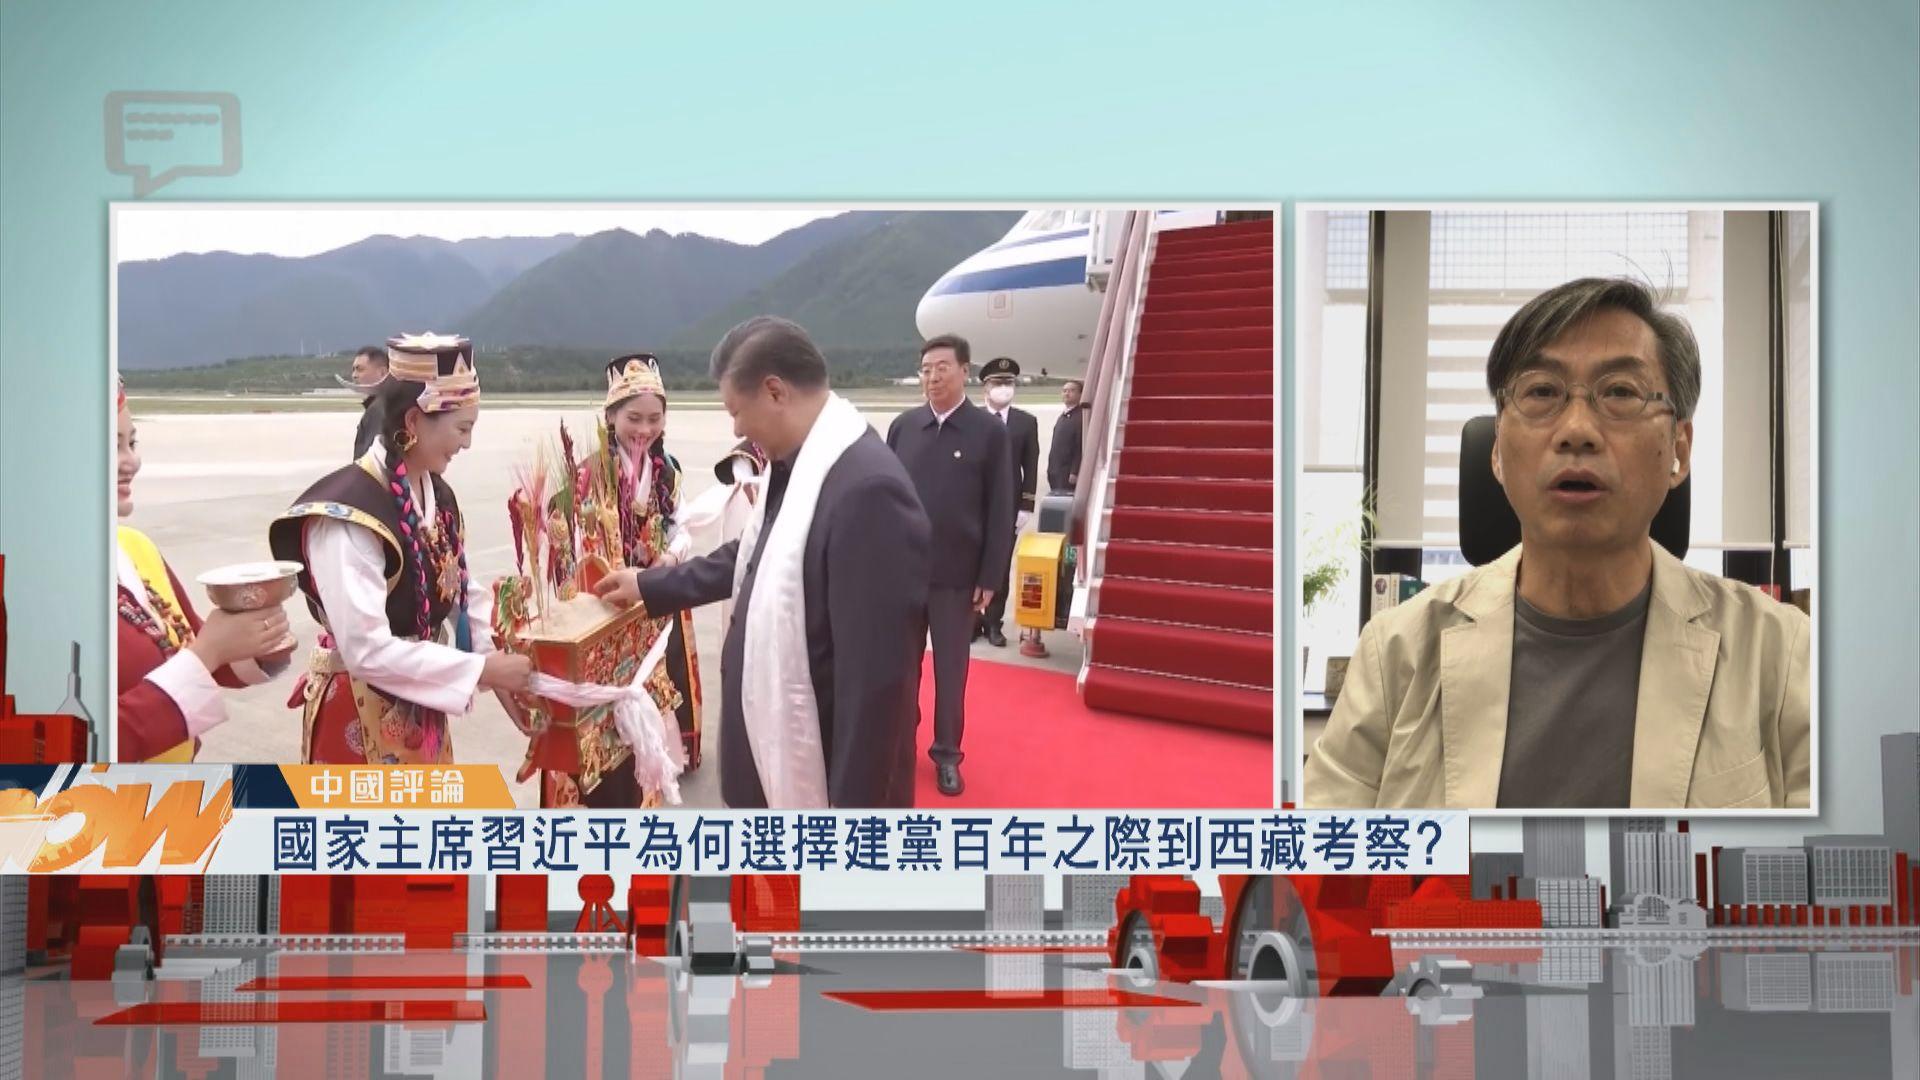 【中國評論】習近平赴西藏考察